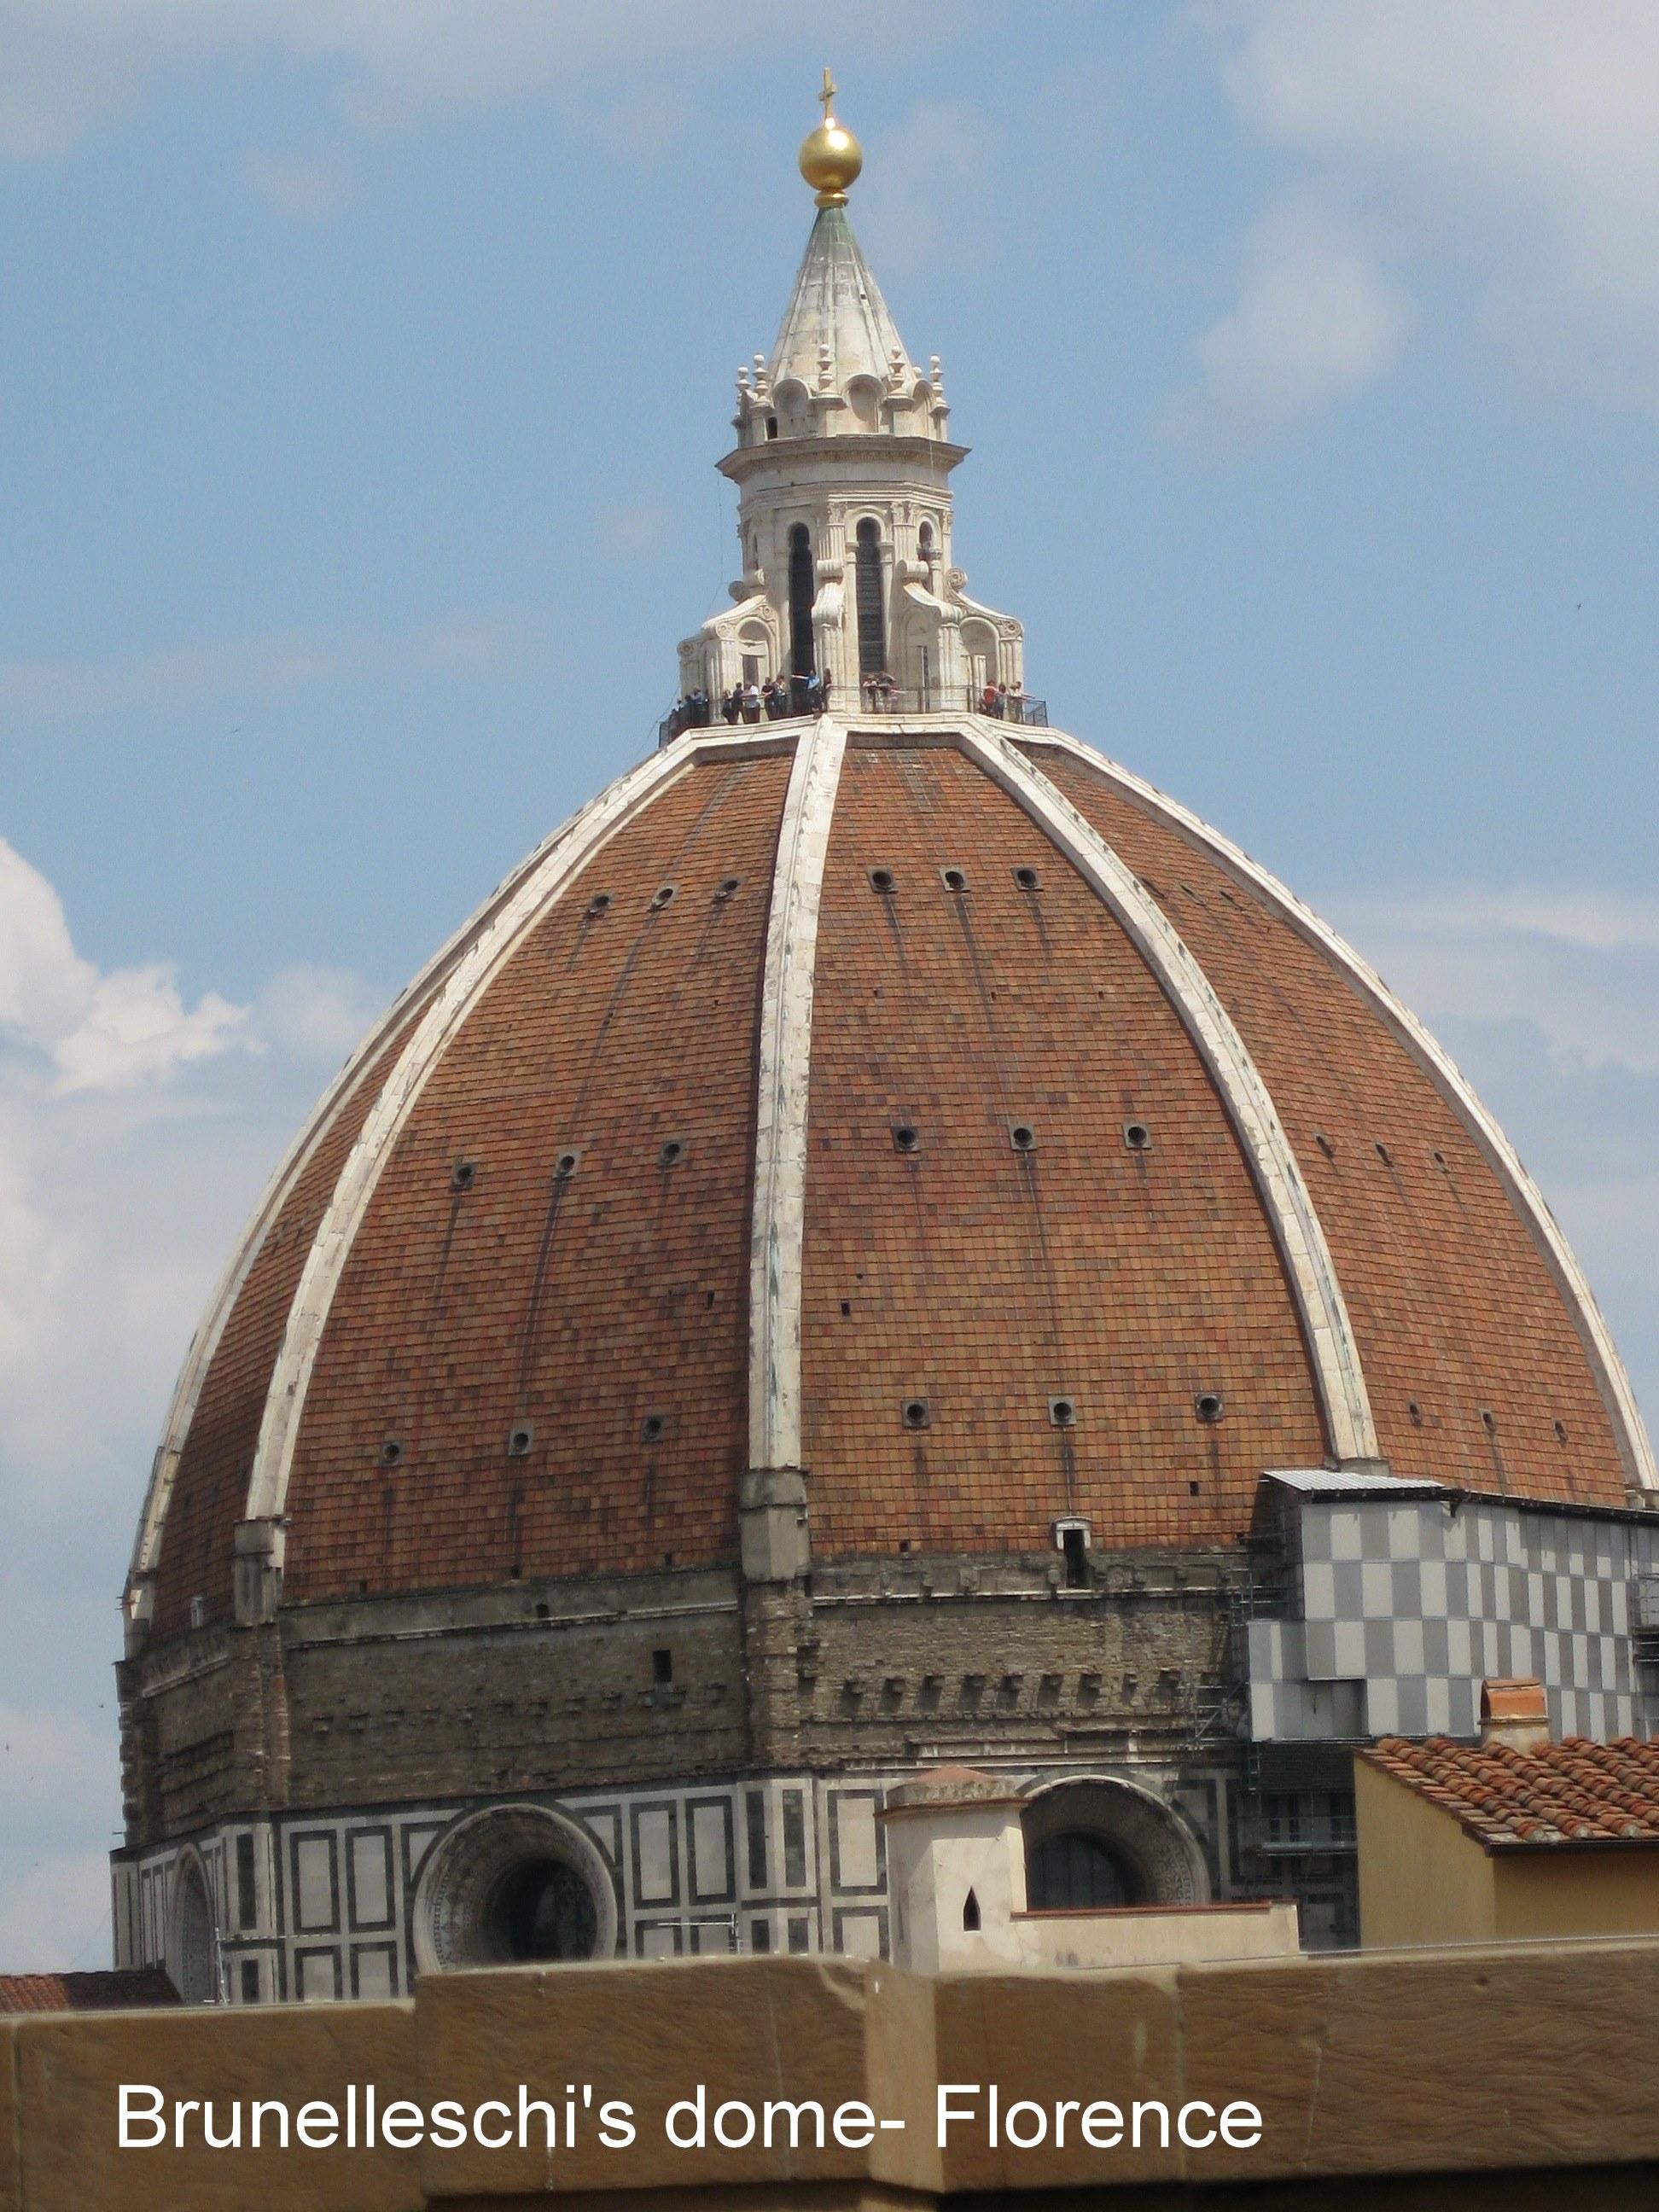 Ancient Roman Domes And Arches Renaissance Architectu...